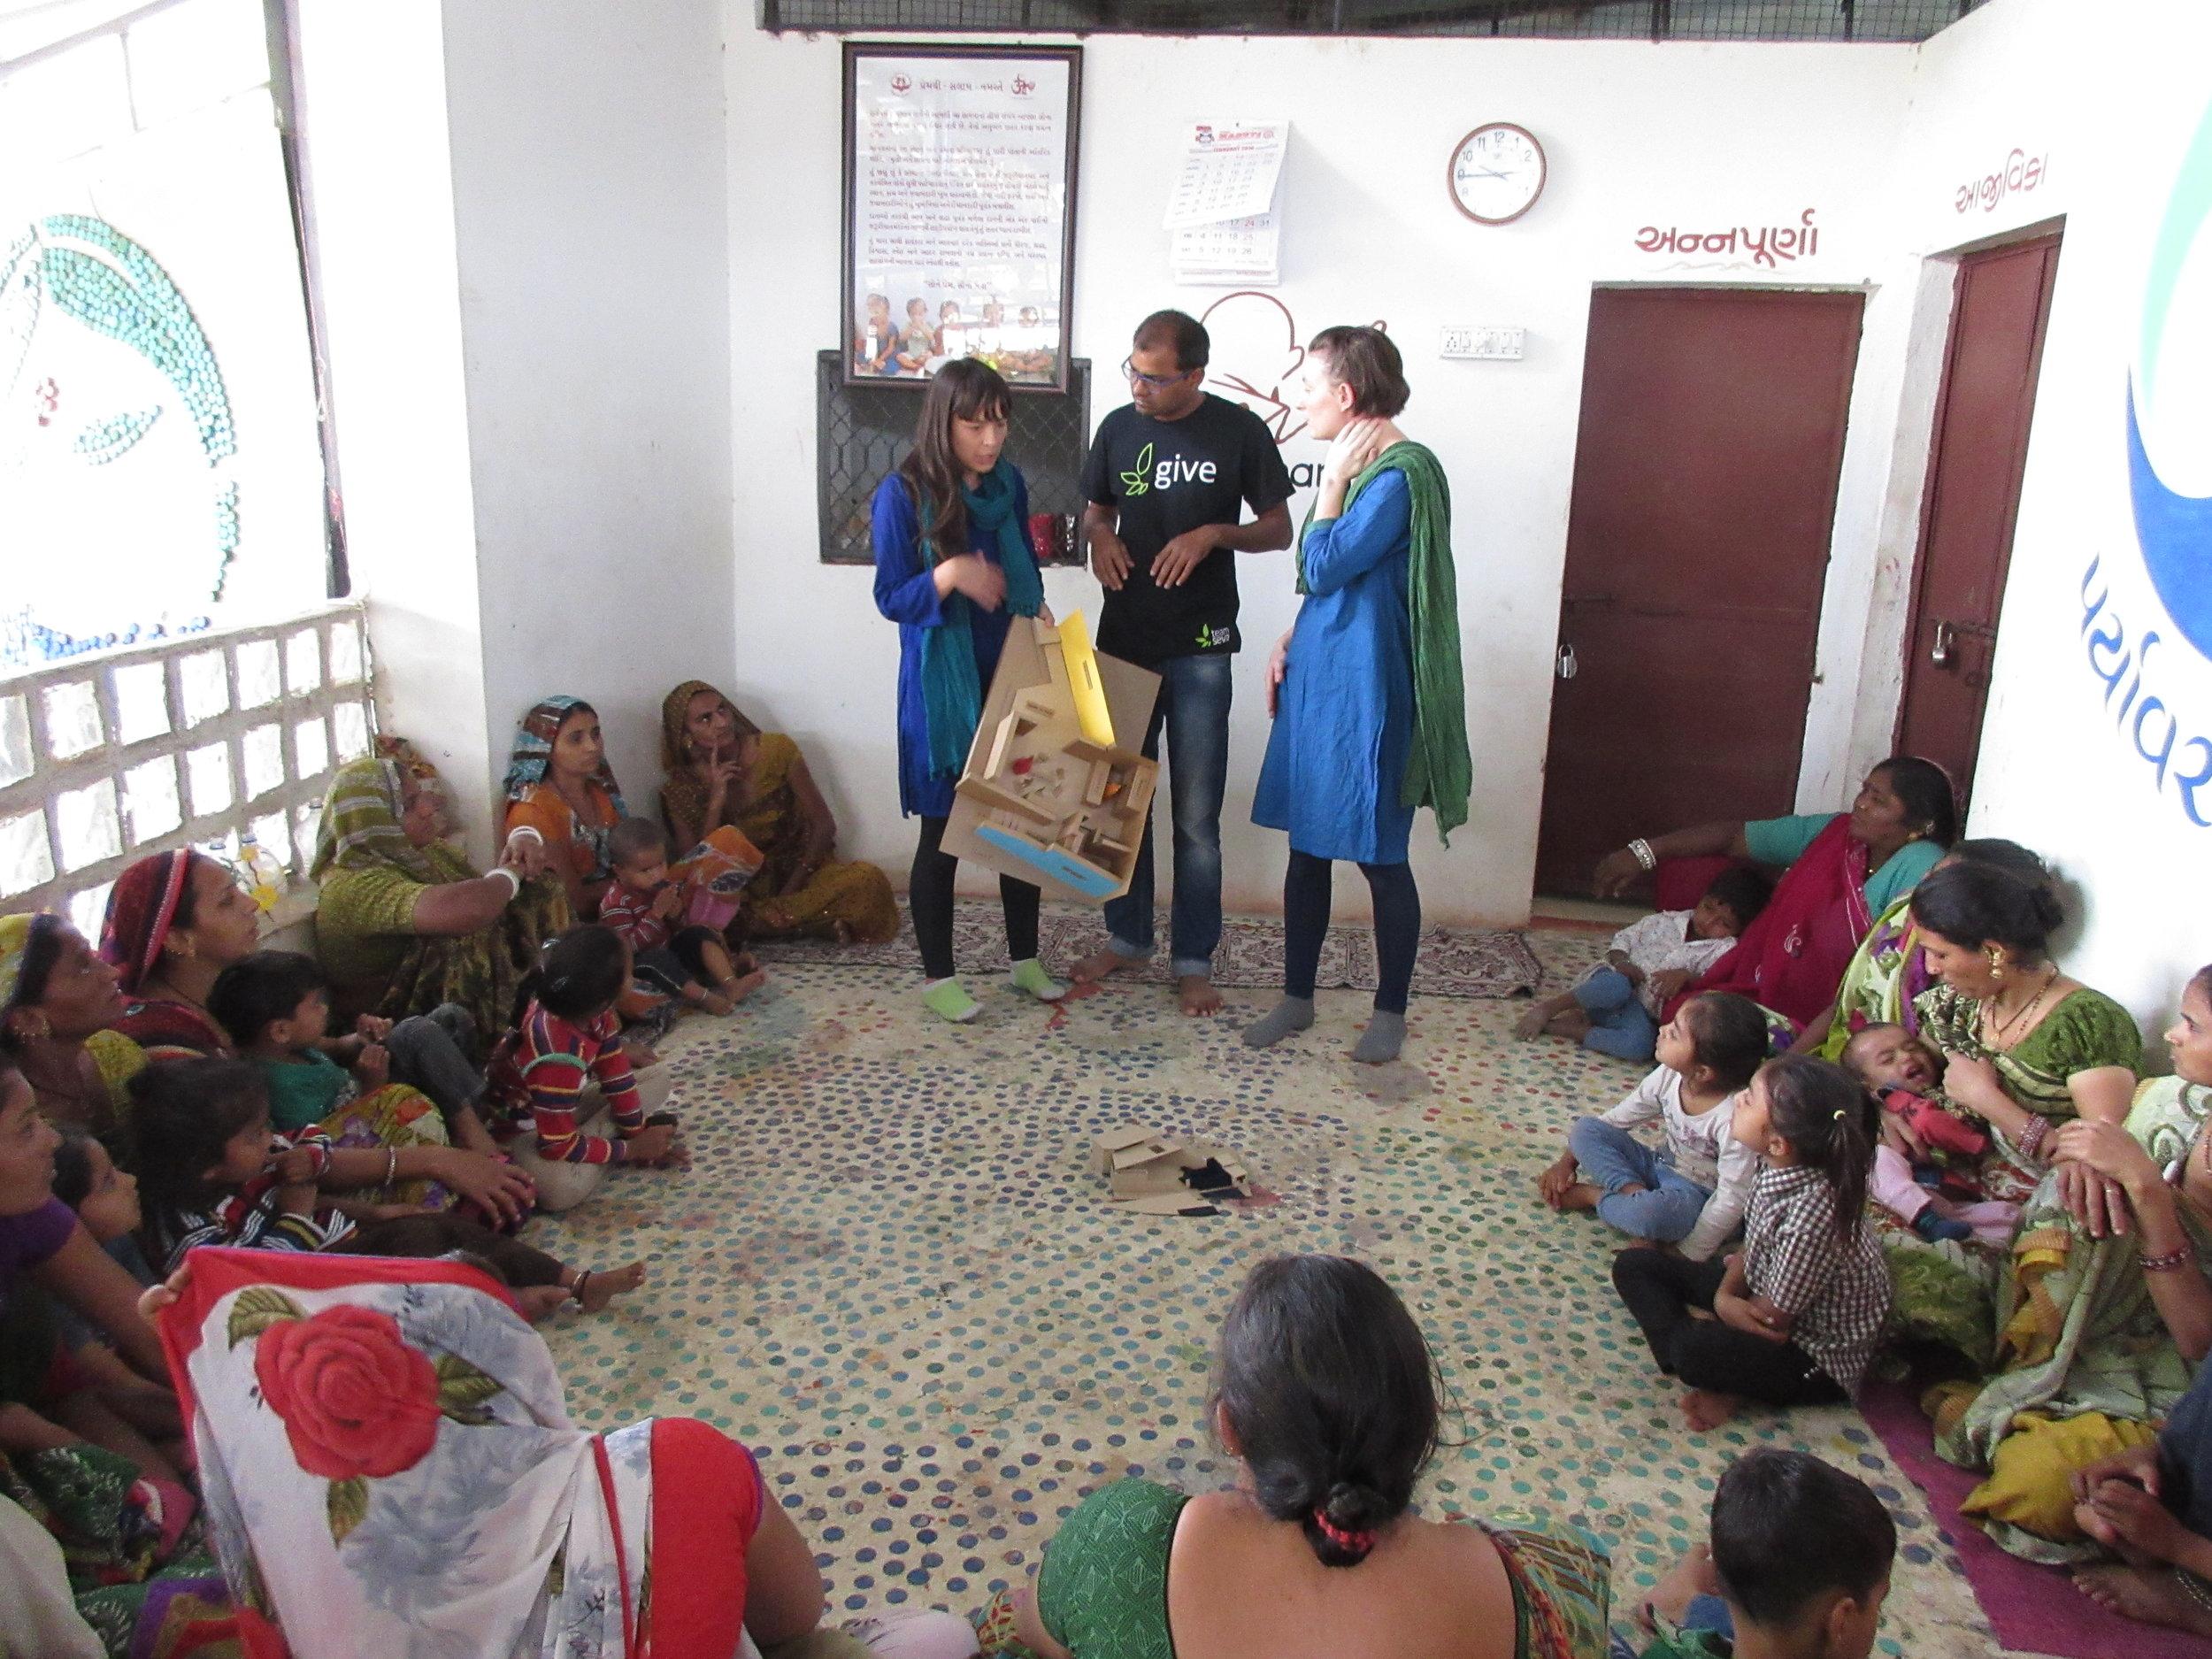 05_Bholu 15_community presentation.jpg